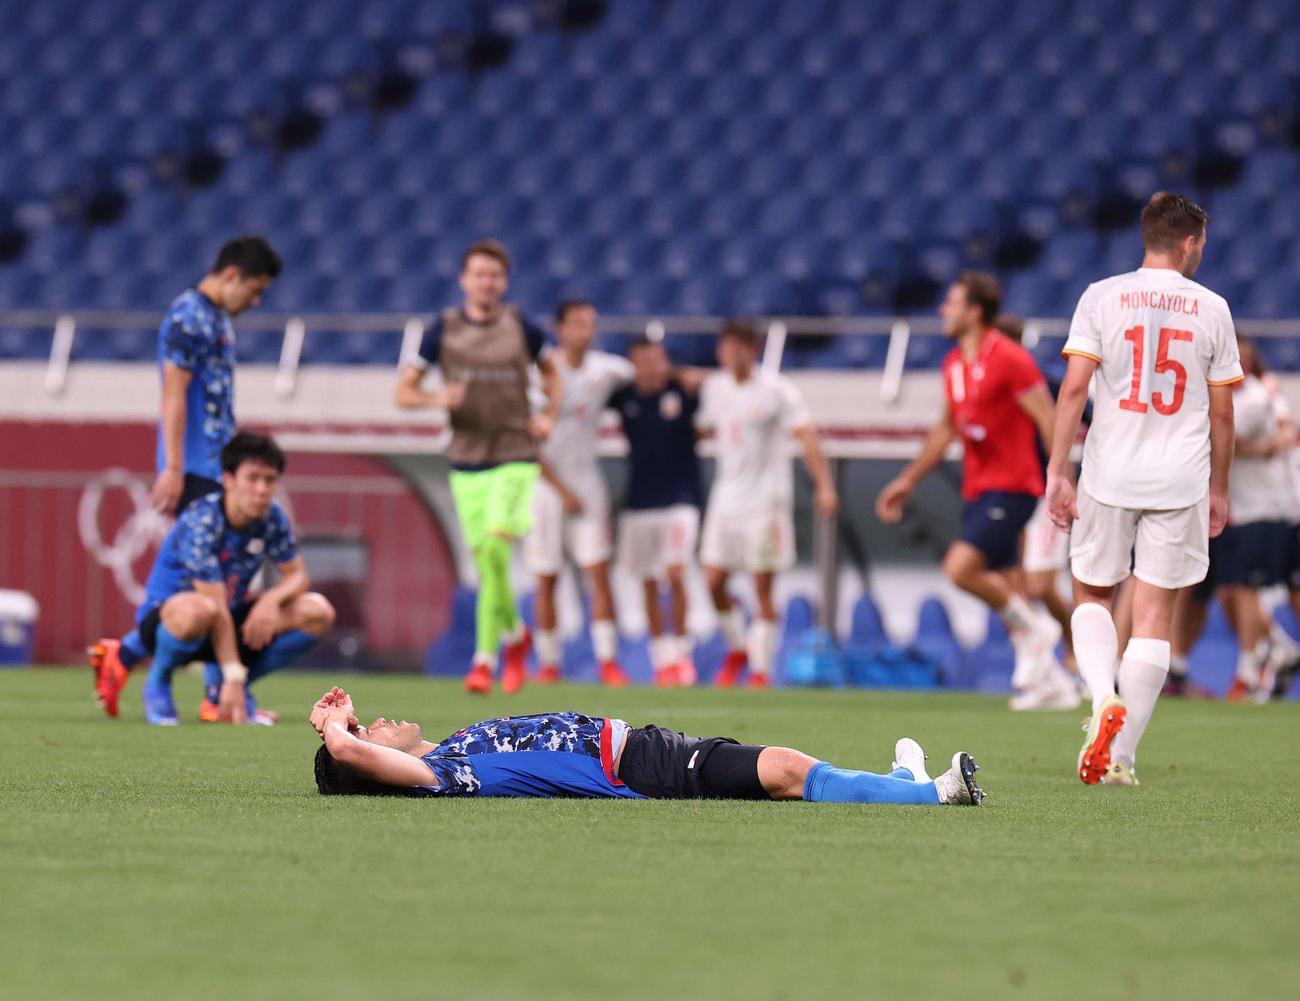 日本対スペイン 延長の末スペインに敗れ、ピッチに倒れ込む吉田(撮影・河野匠)